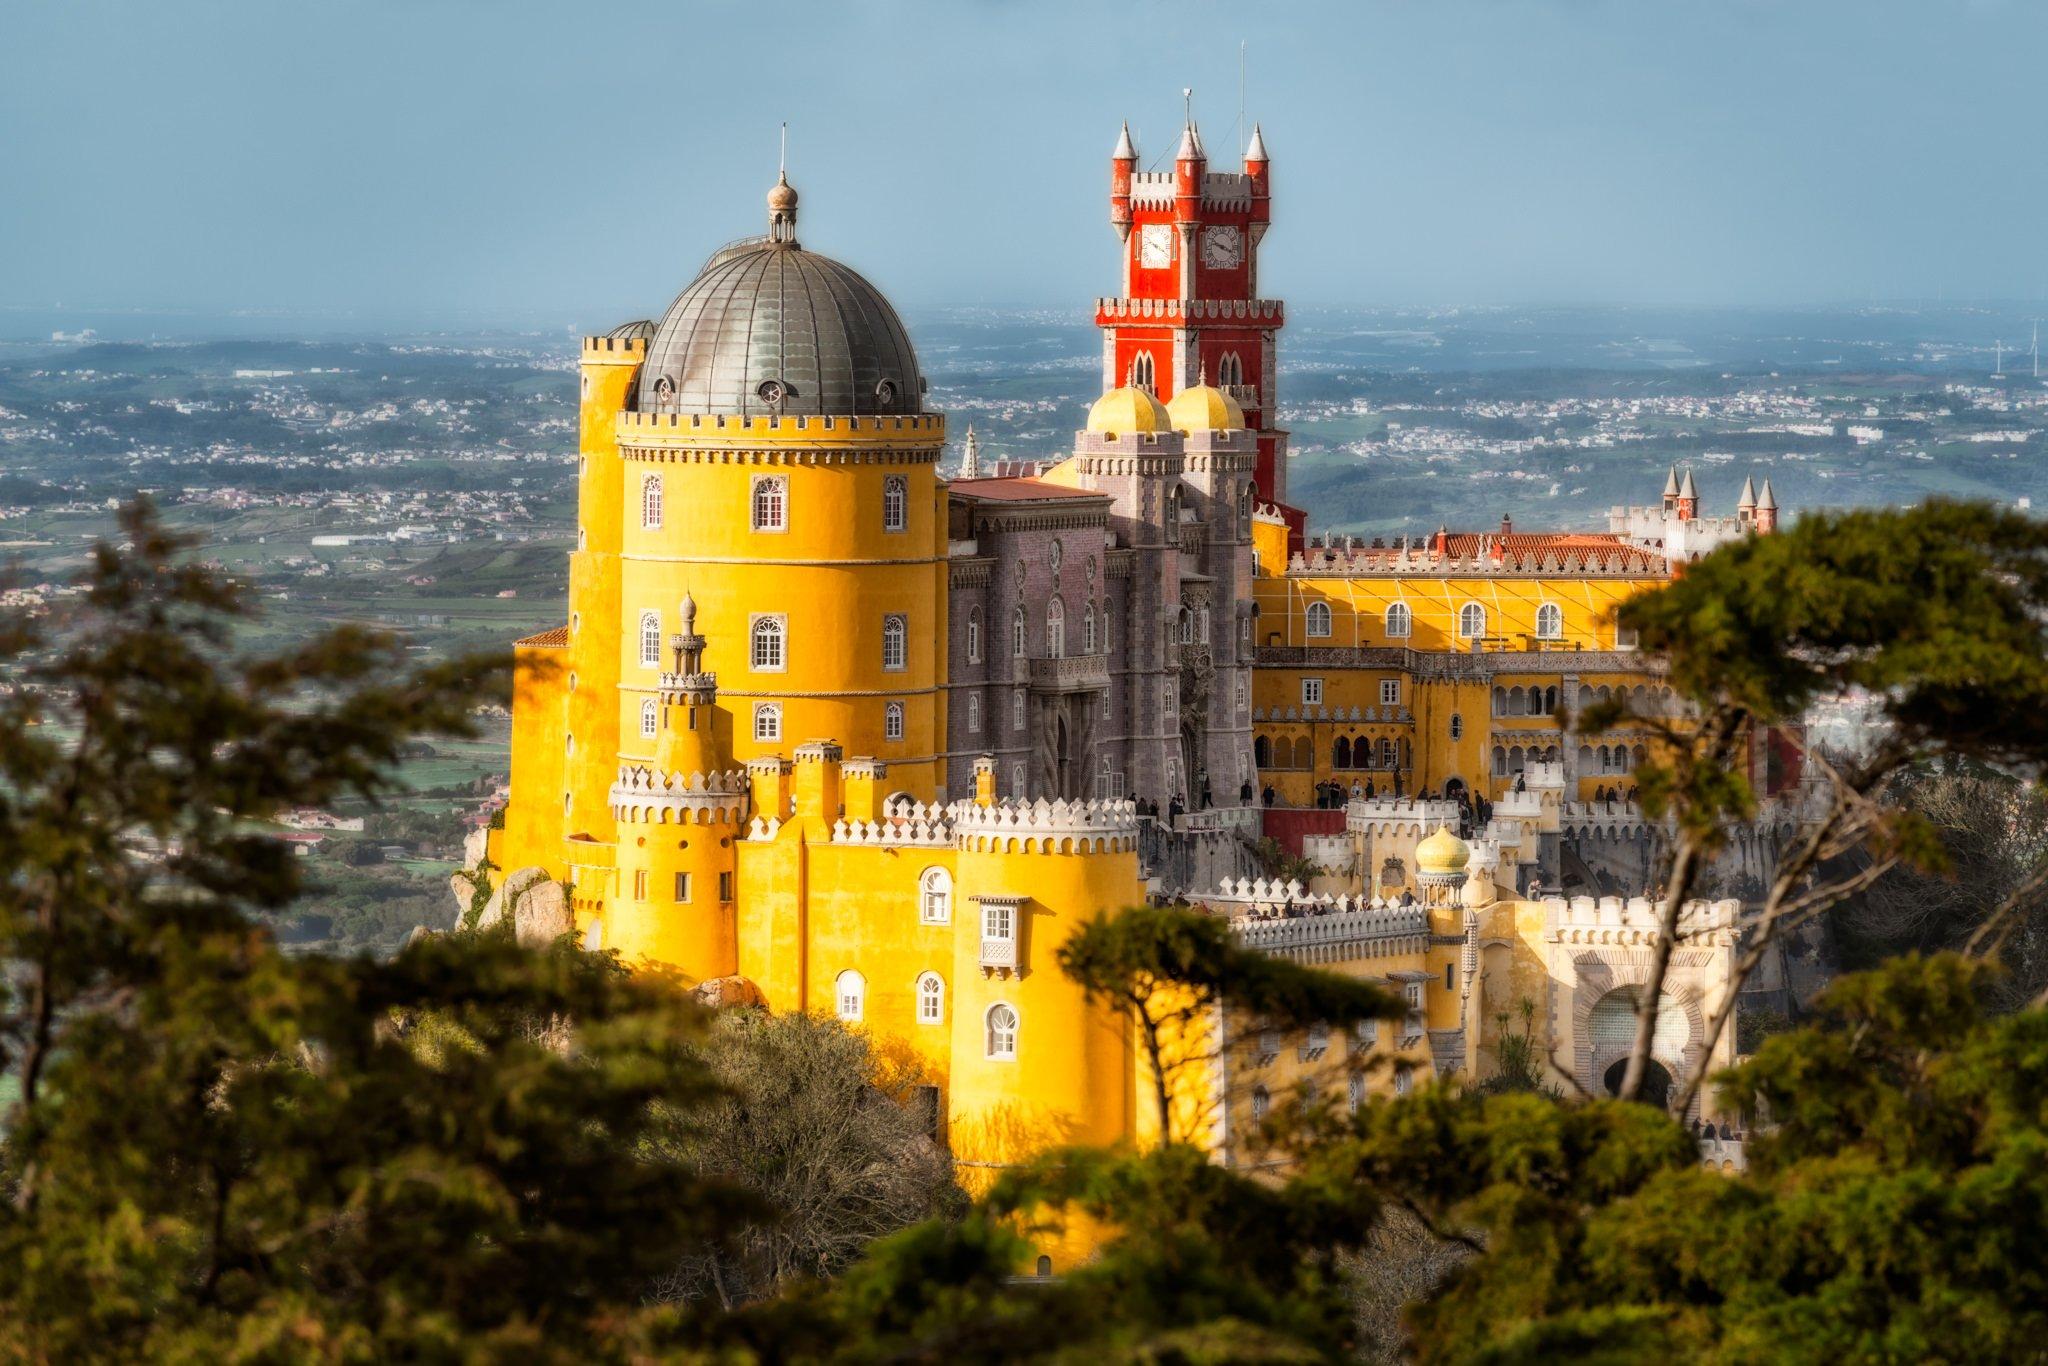 Der Palácio da Pena im Sintra-Gebirge, Portugal. Ein sonniger Tagesblick vom Park aus.